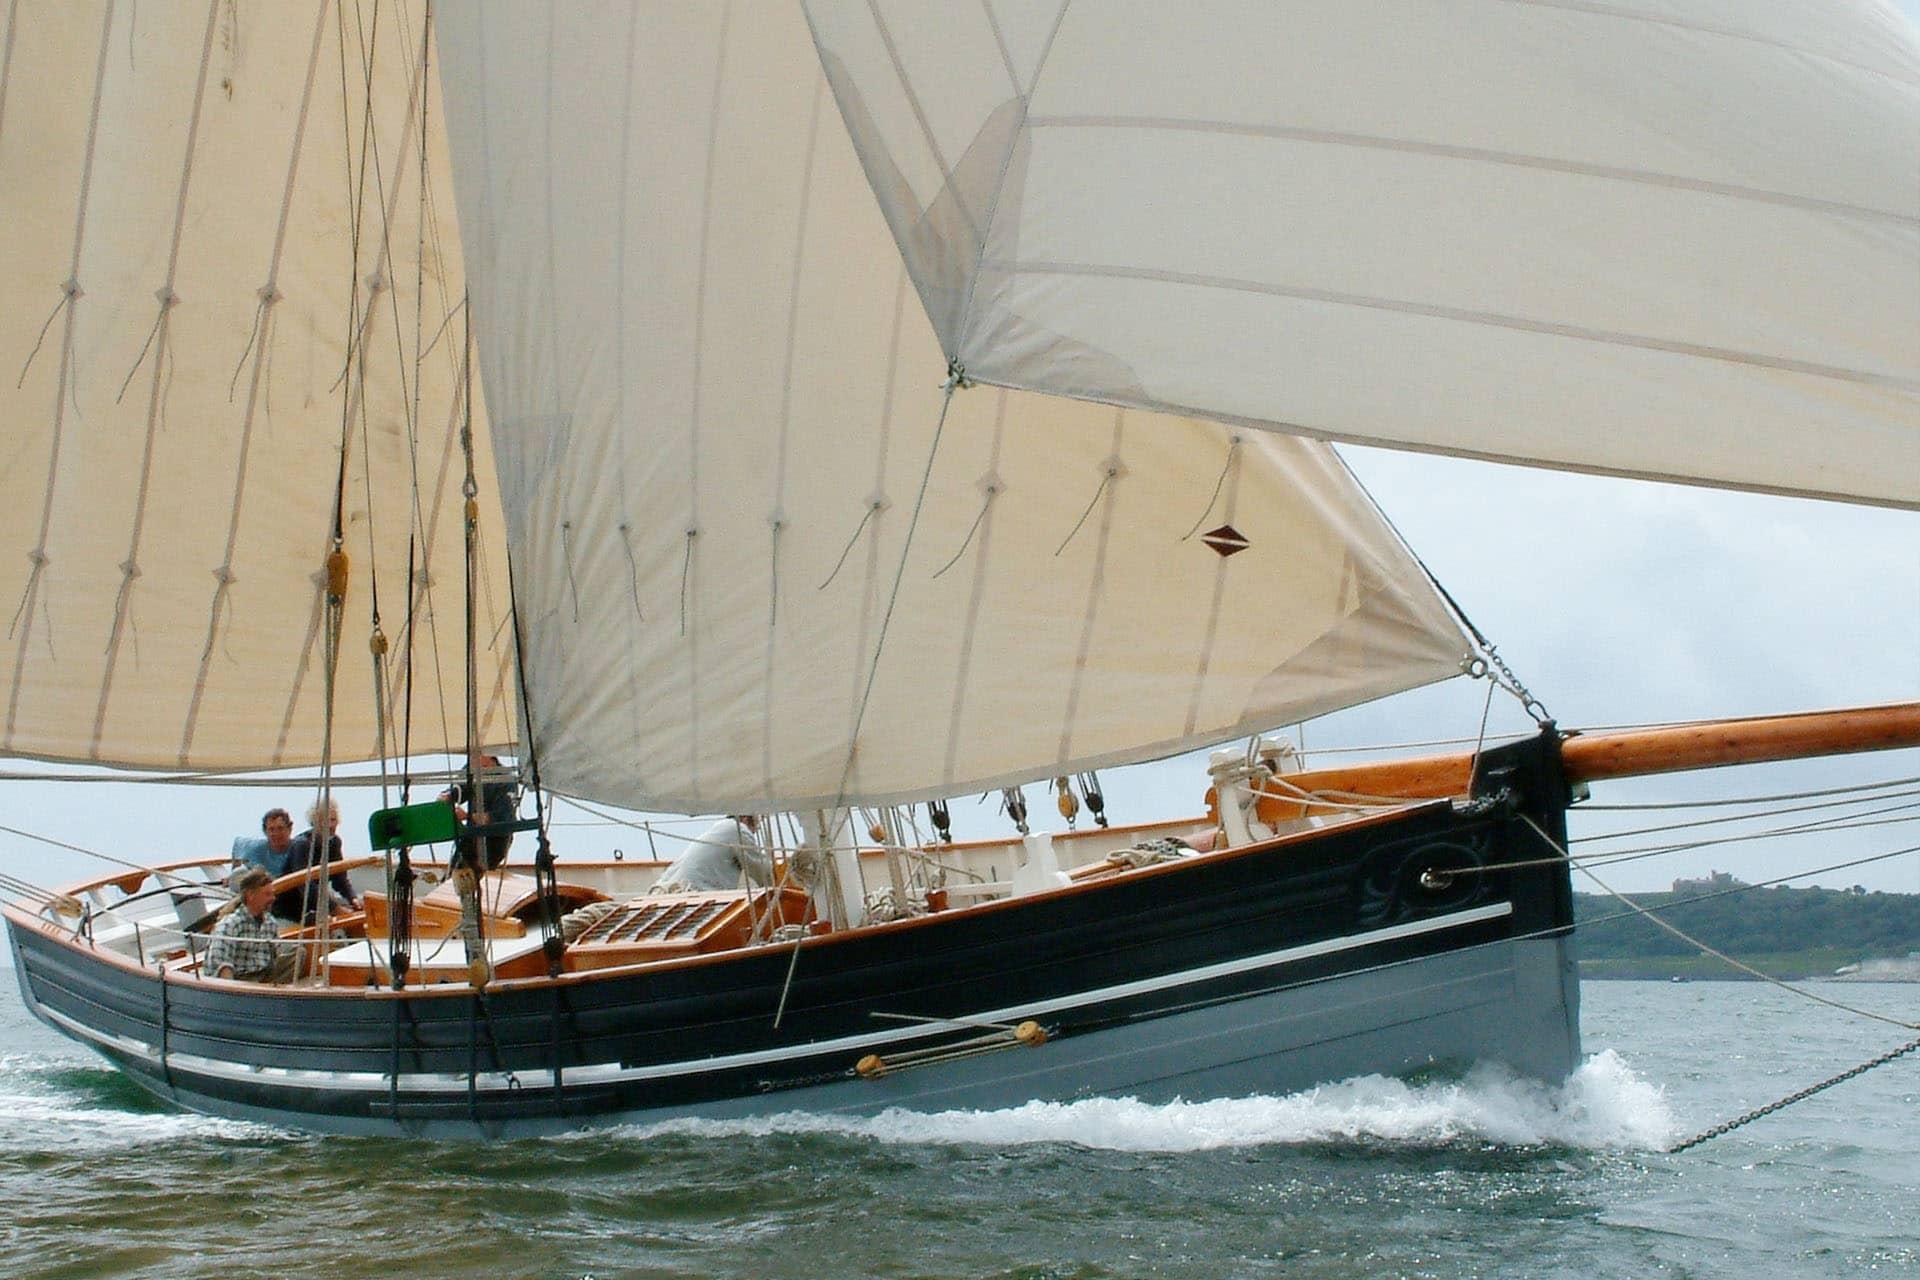 Agnes under sail